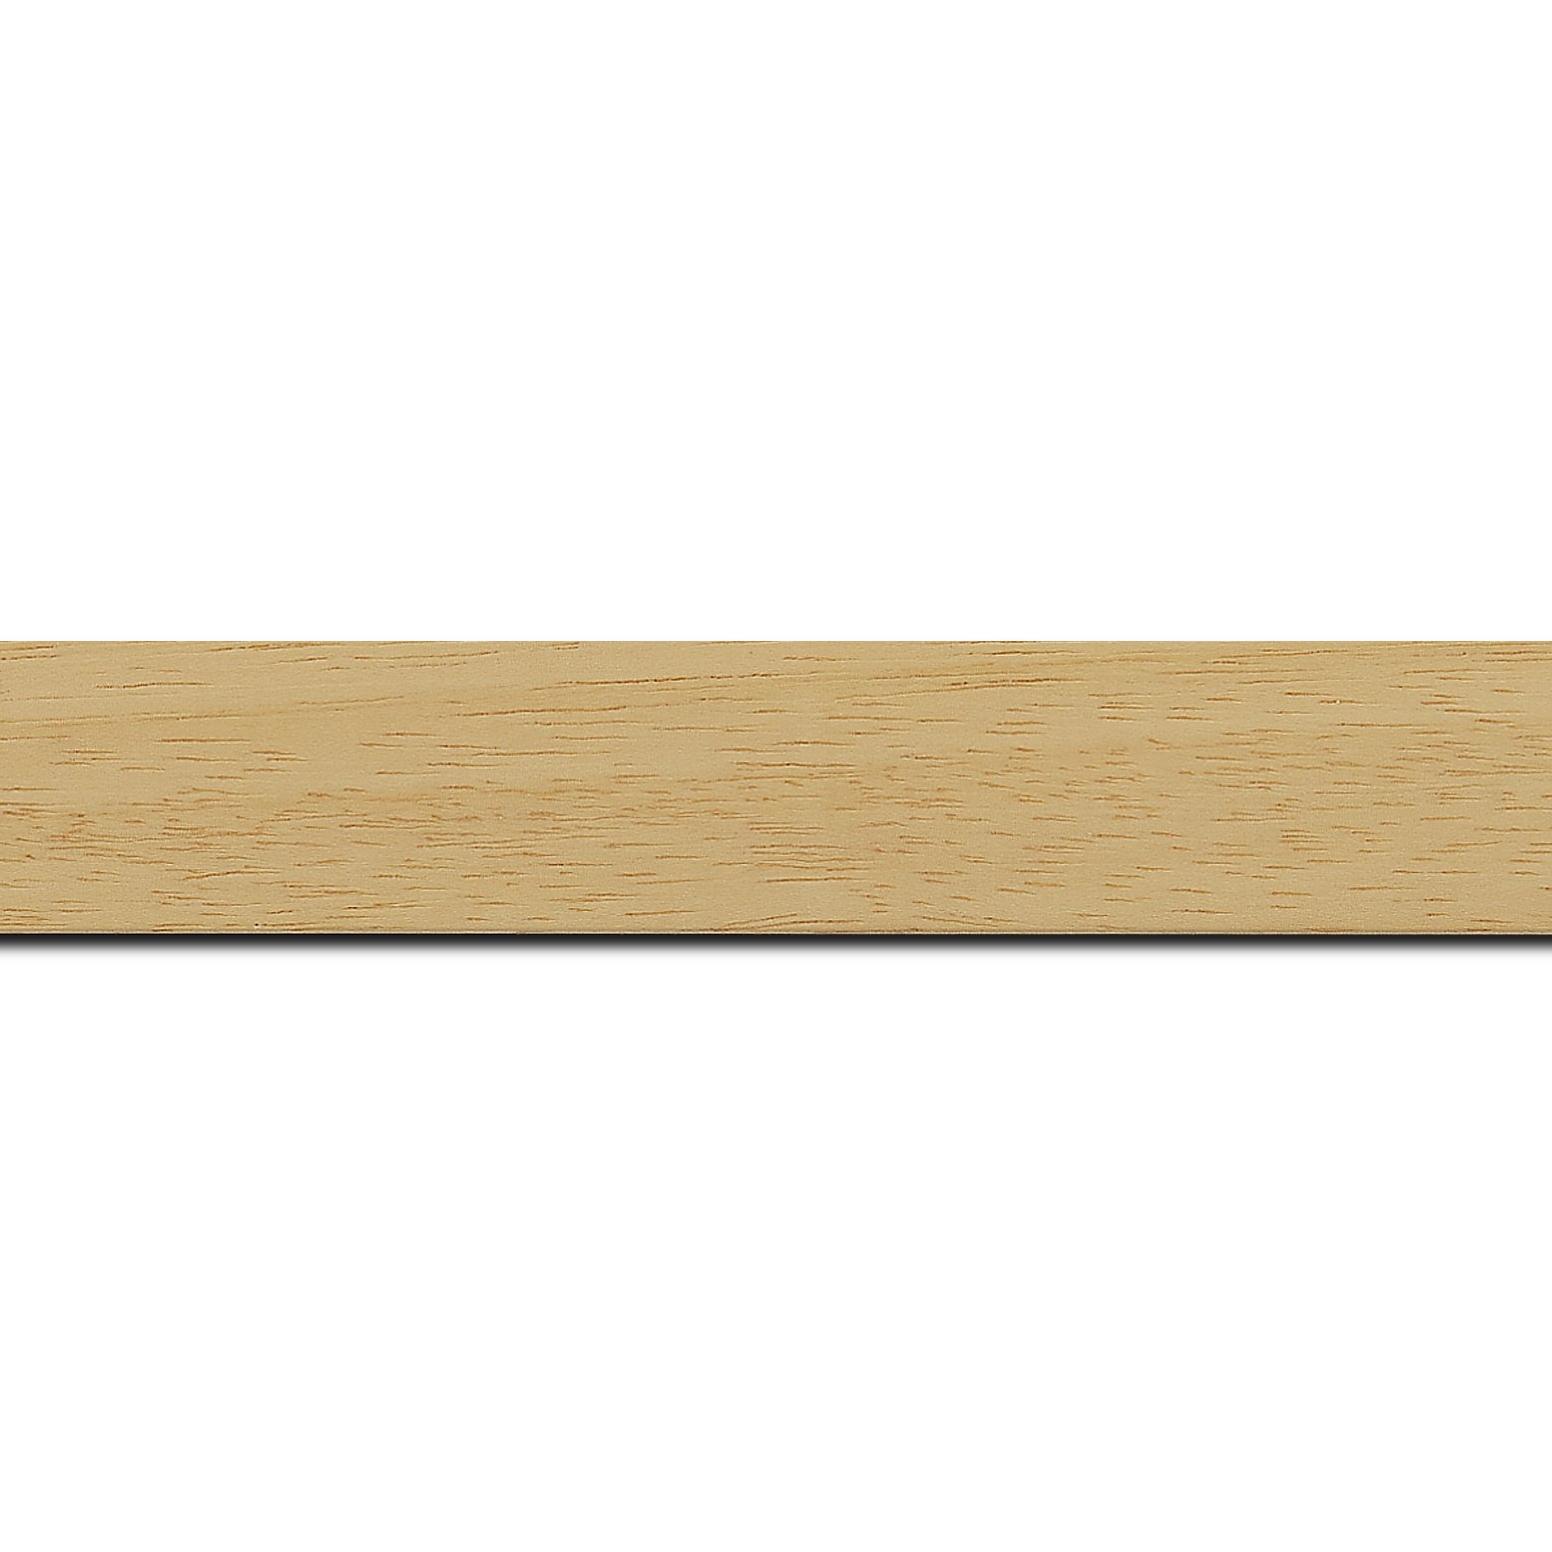 Baguette longueur 1.40m bois profil plat largeur 3cm couleur naturel satiné